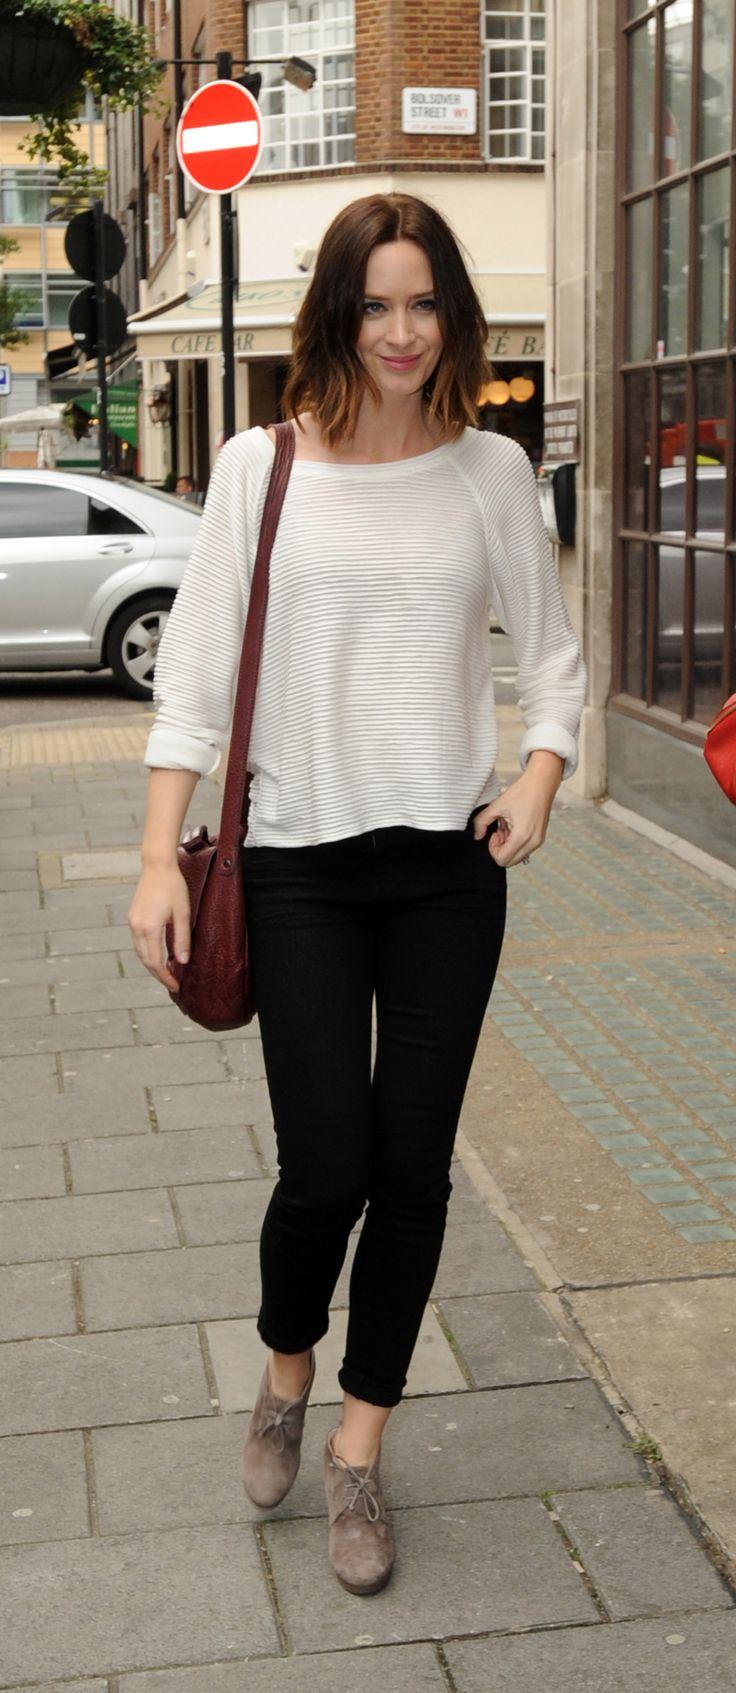 Emily Blunt in Joes Skinny Jeans in Jet Black